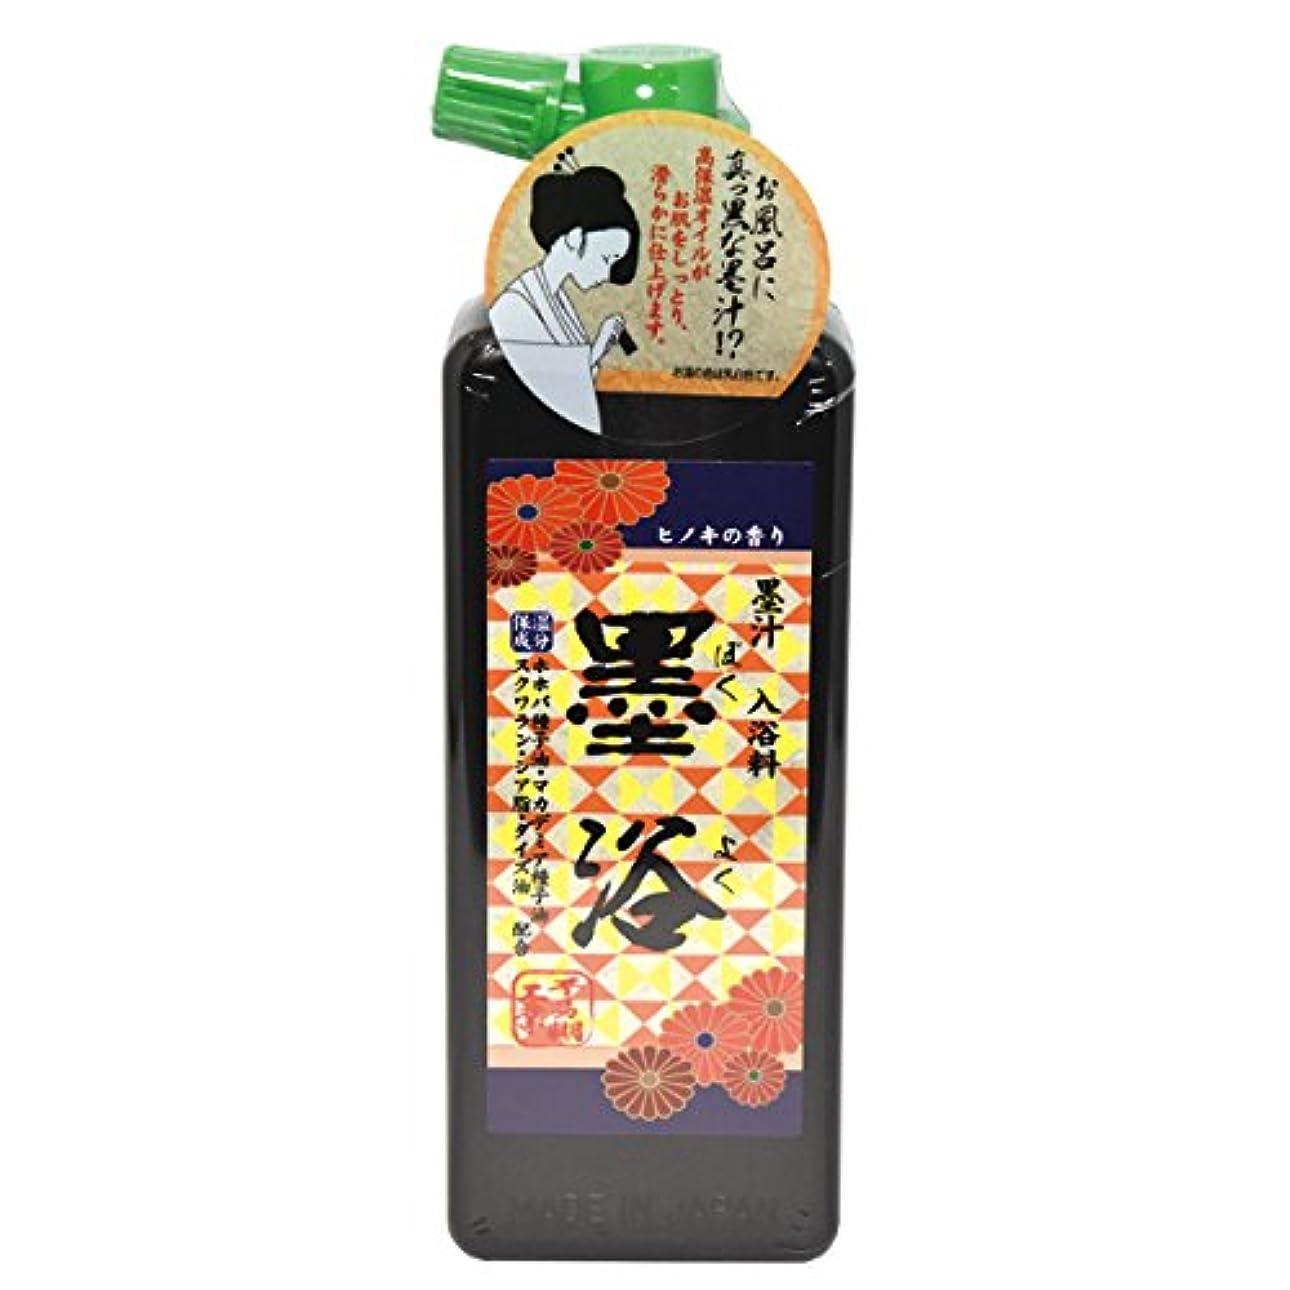 量でうまれた告白墨浴 ぼくよく 入浴料 ヒノキの香り 不易糊工業 BY20